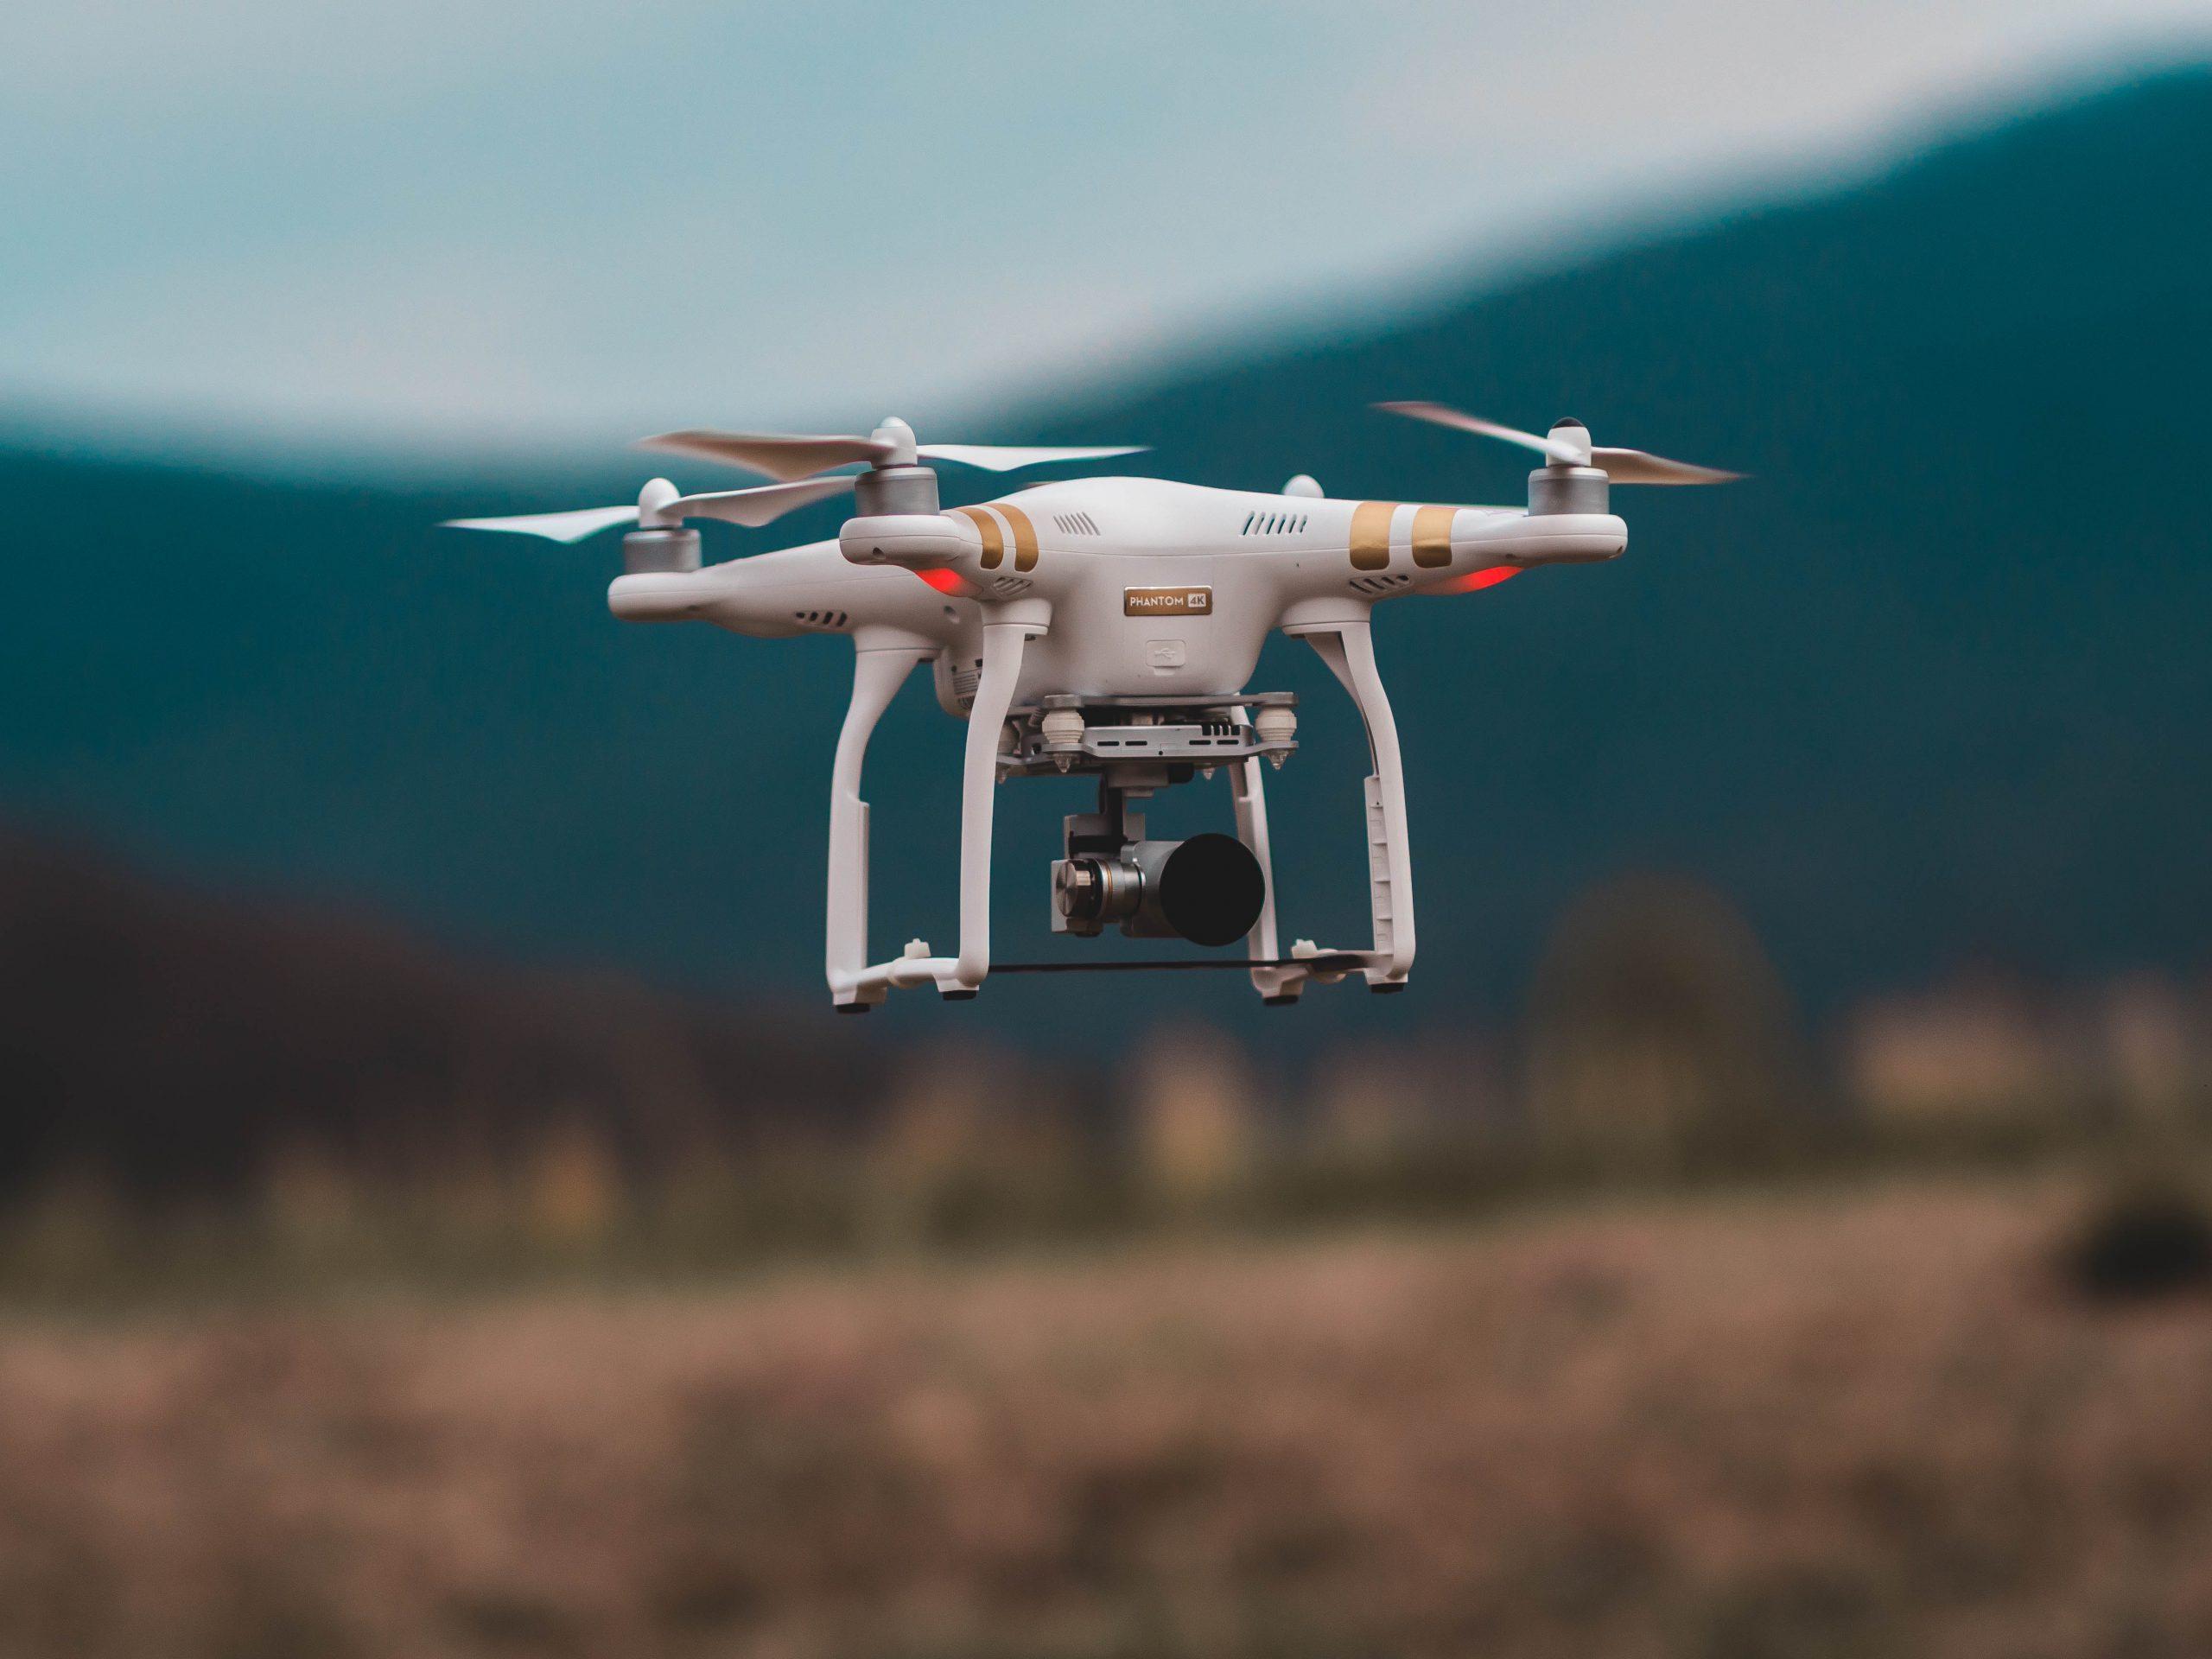 Drone sobrevoando área rural